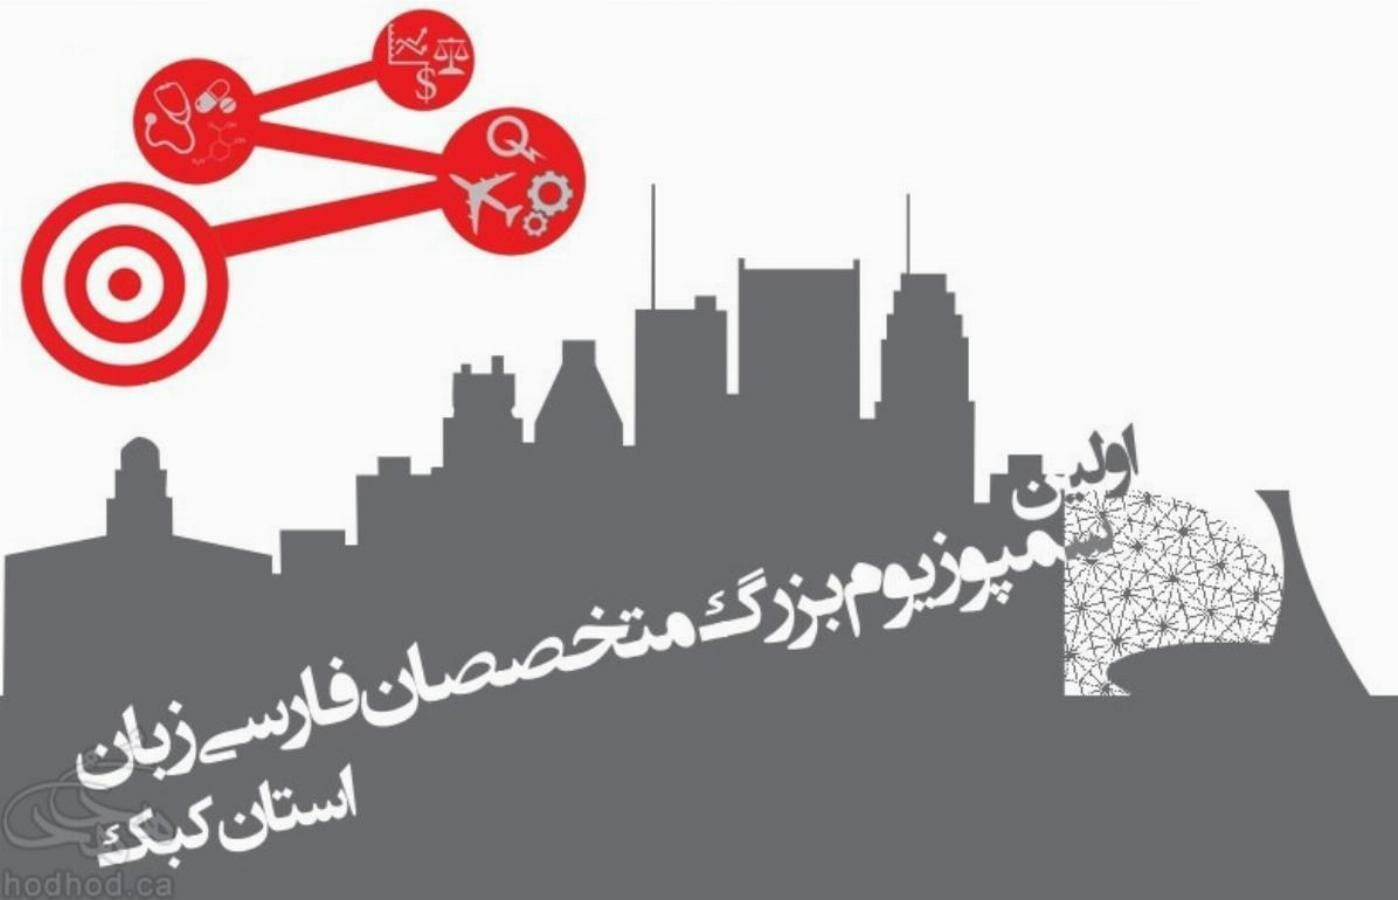 قسمت اول مصاحبه رسانه هدهد با سخنرانان و شرکت کنندگان اولین سمپوزیوم متخصصان ایرانی استان کبک